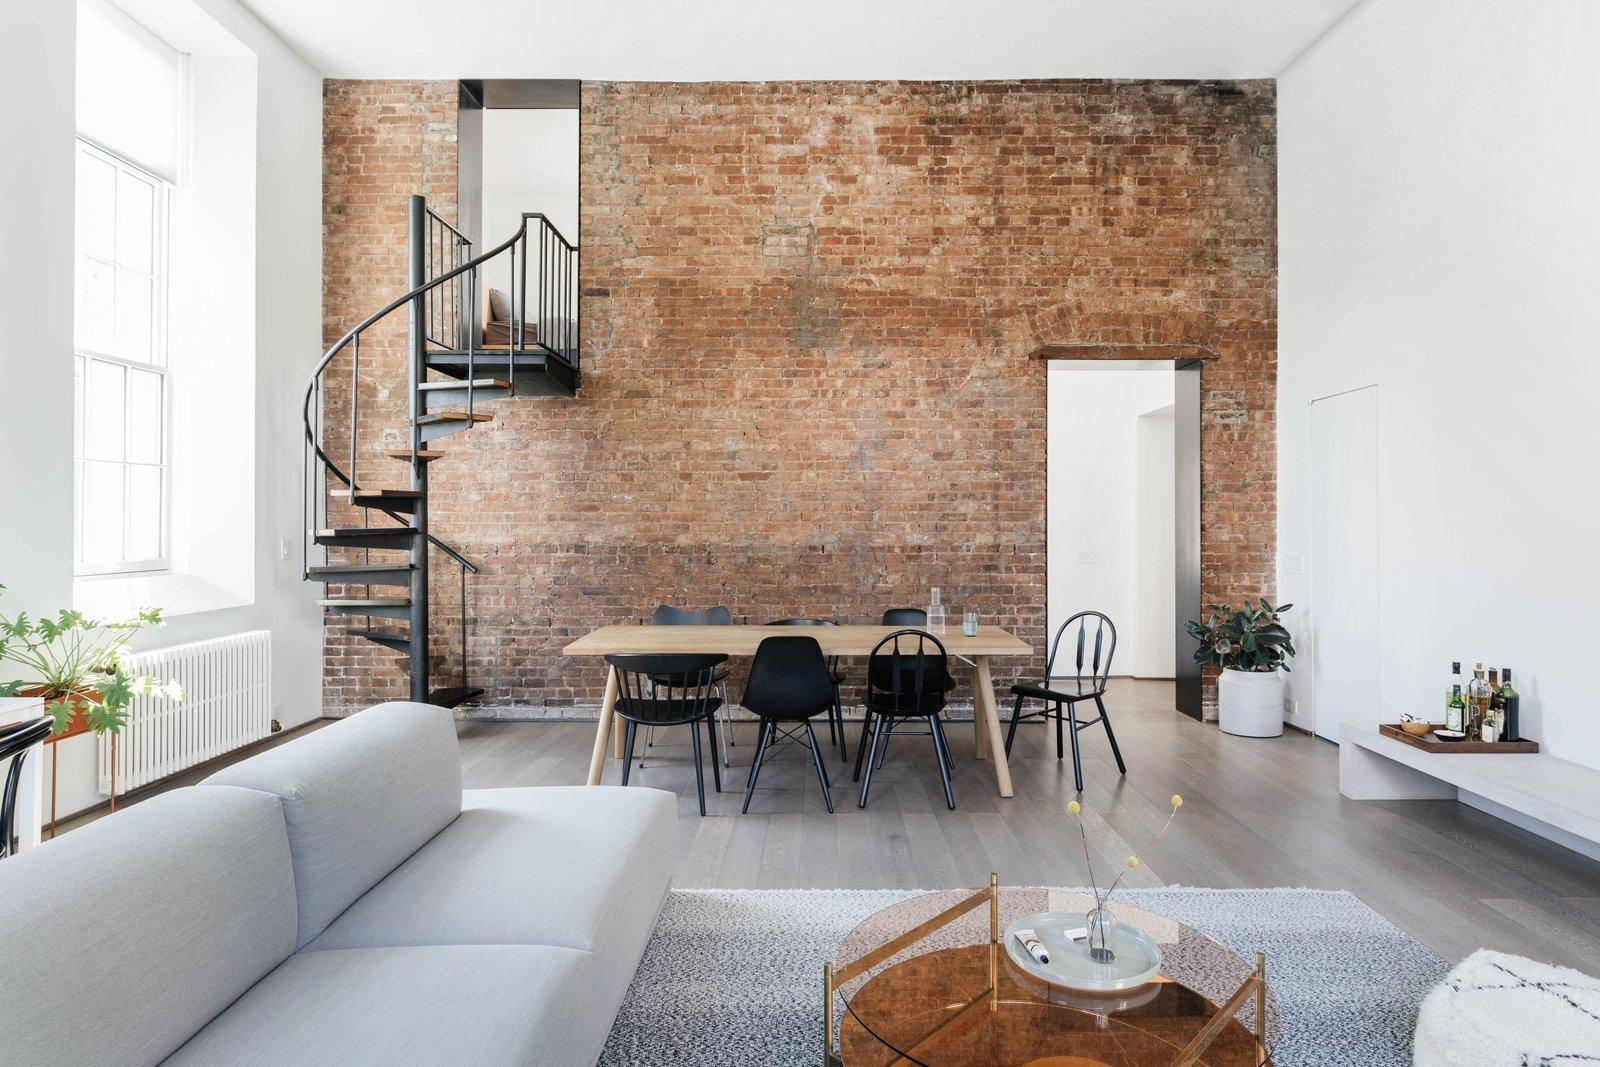 Desain Interior Apartemen Minimalis dengan Sentuhan Natural Kayu dan Batu Bata | Foto artikel Arsitag